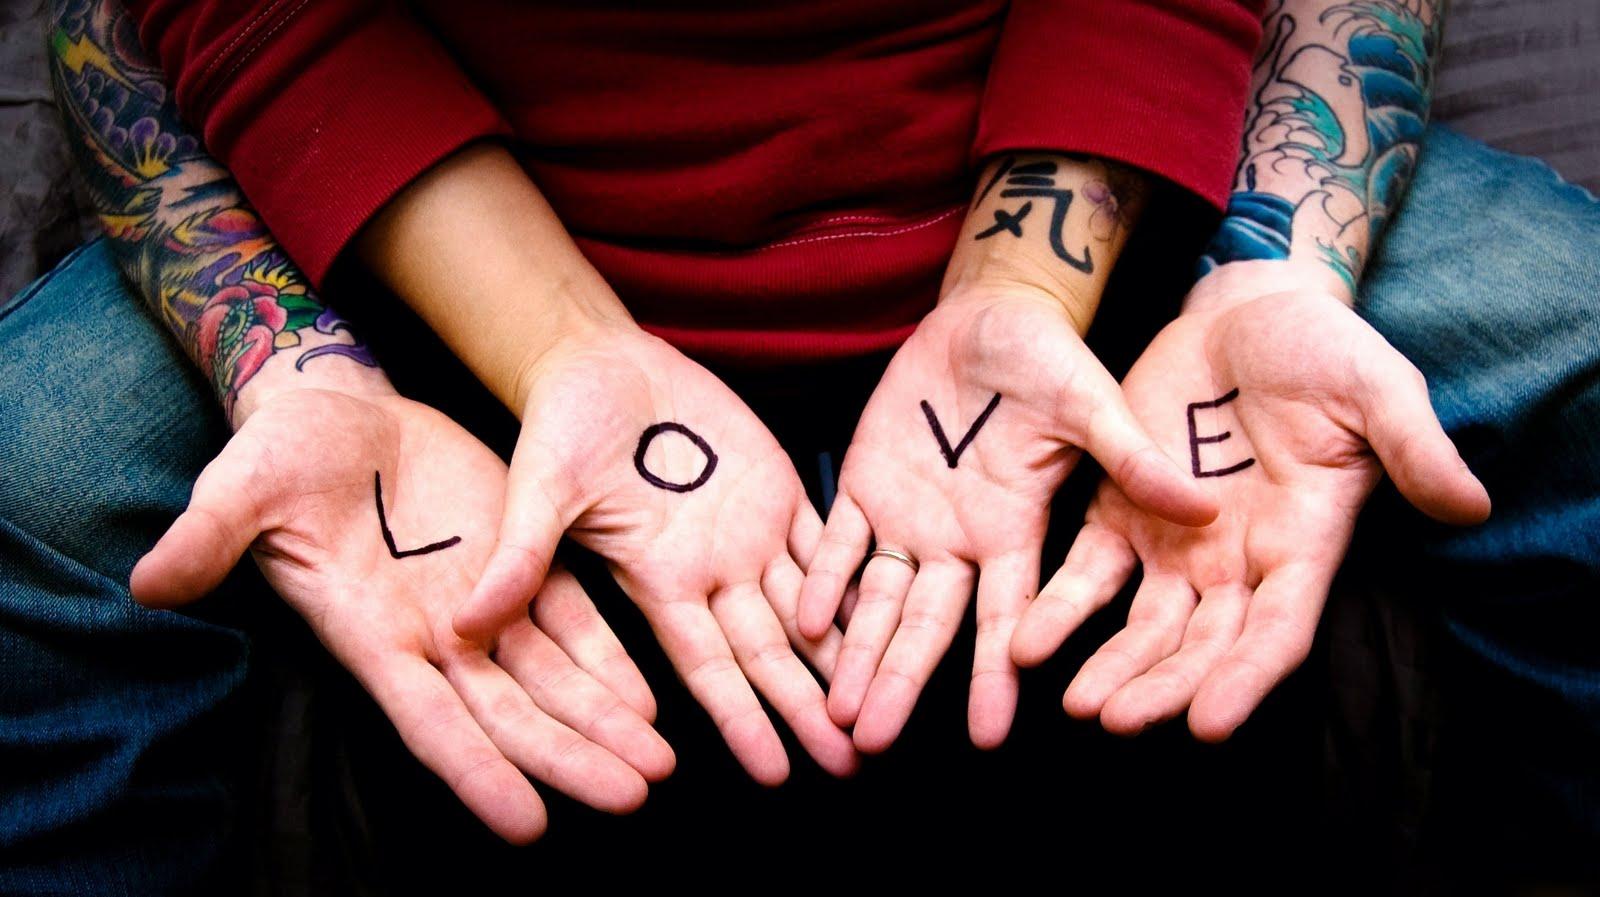 http://1.bp.blogspot.com/-qBioqcgJlCk/Tp0Ja0-YwYI/AAAAAAAAAlg/zga0VZdiDJ4/s1600/Love%20Letters%20Arms%20Boy%20Girl%20Tattoos%20HD%20Wallpaper%20-%20LoveWallpapers4u.Blogspot.Com.jpg